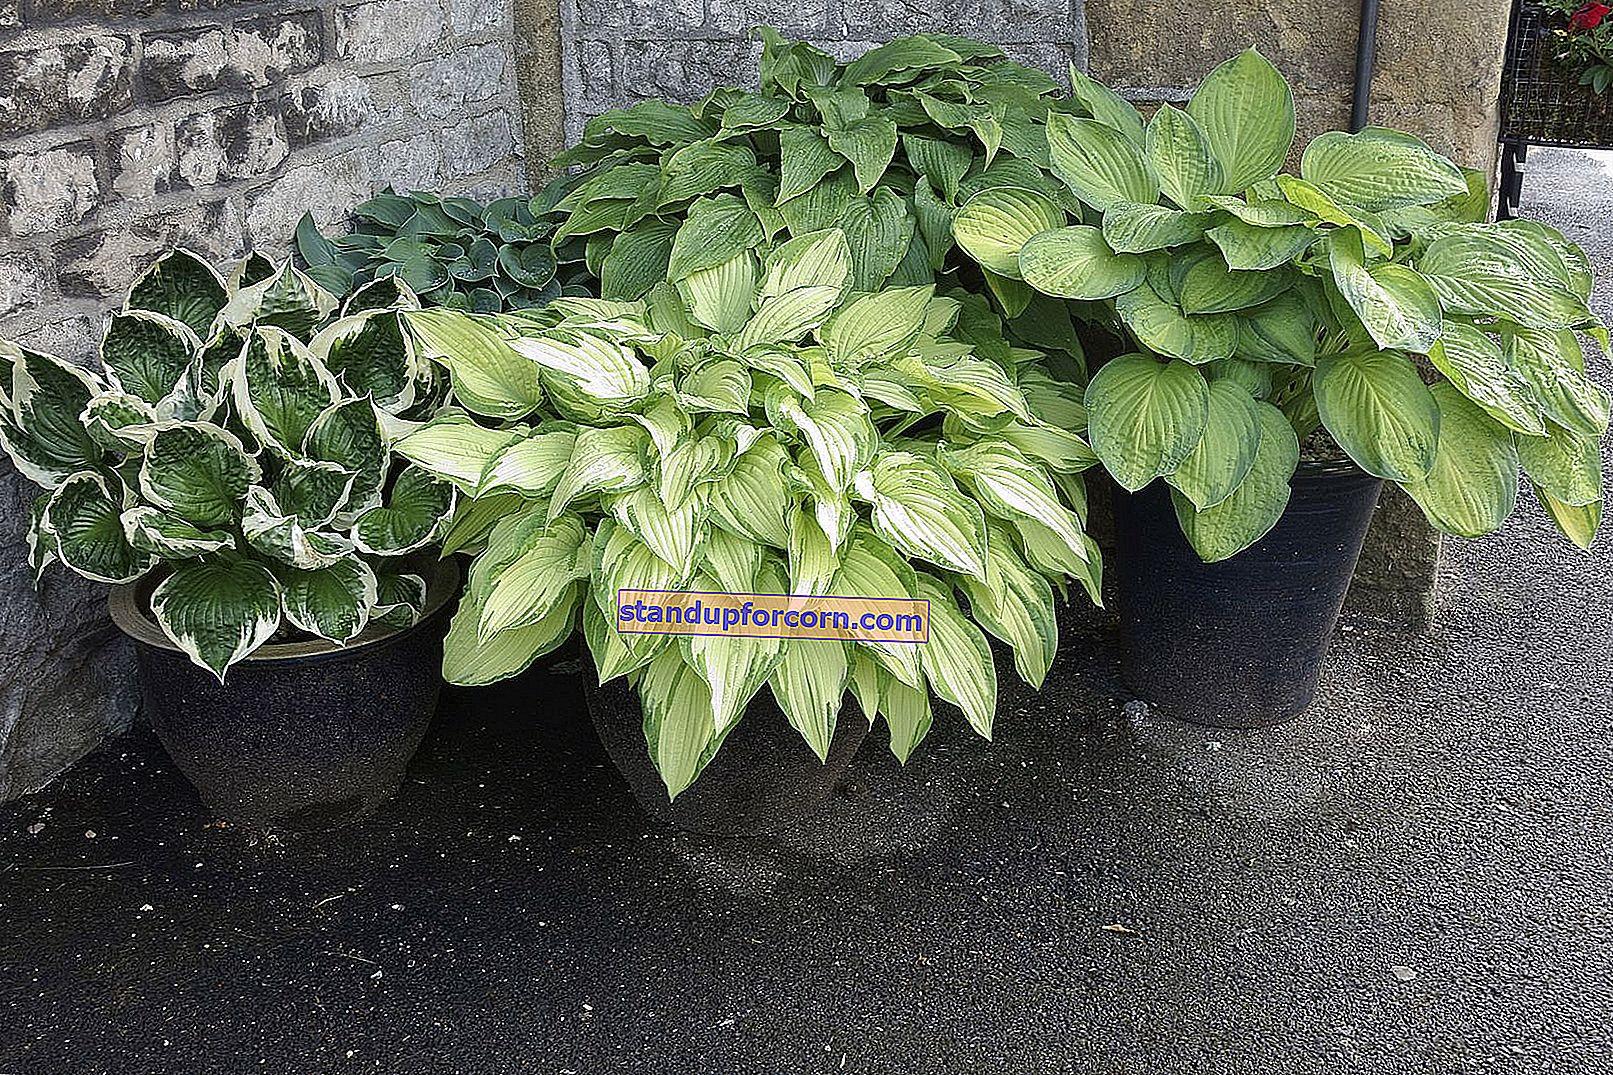 Φυτά μπαλκονιών όλο το χρόνο